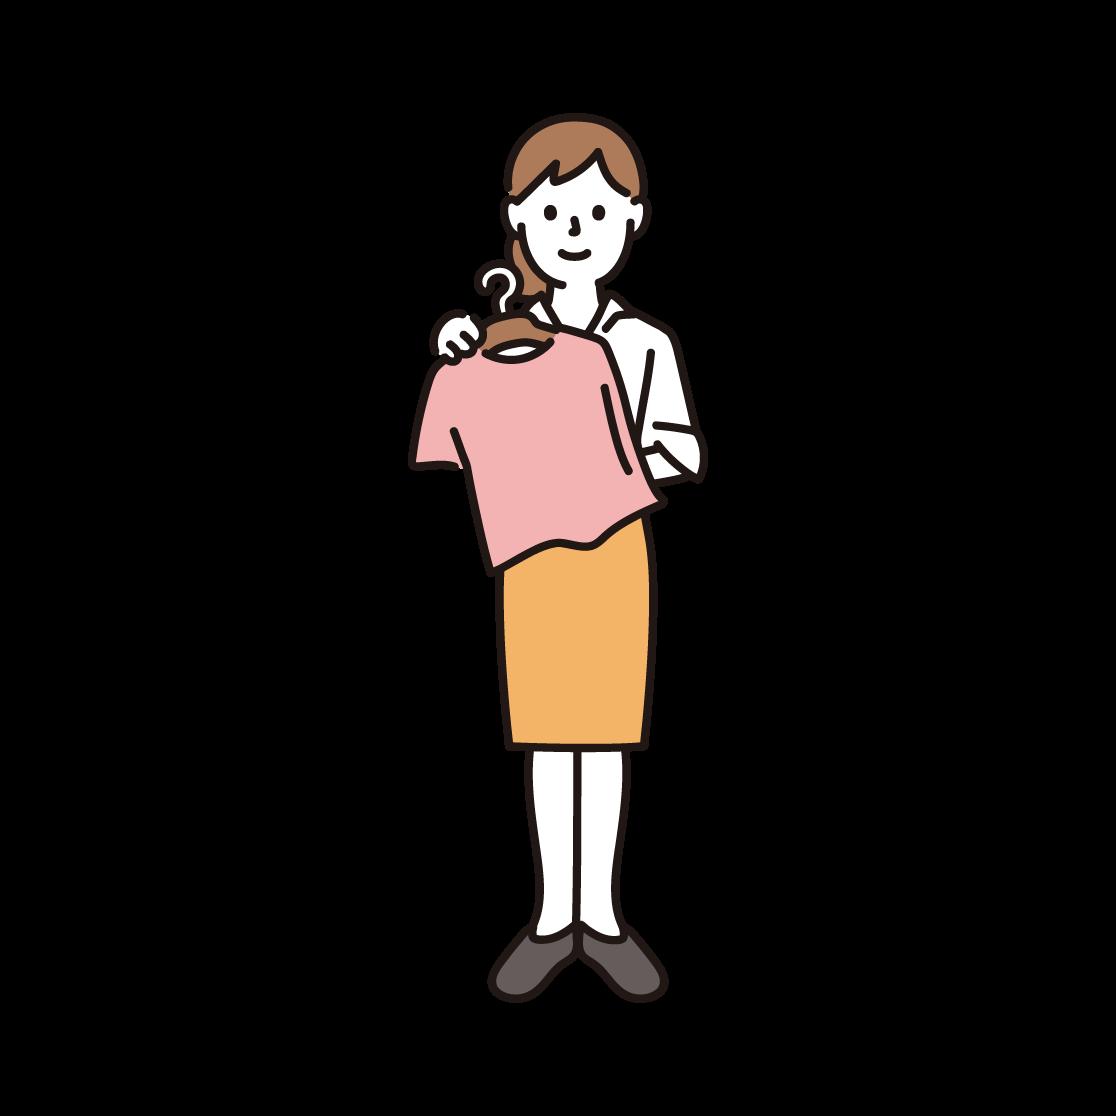 アパレル店員(女性)のイラスト